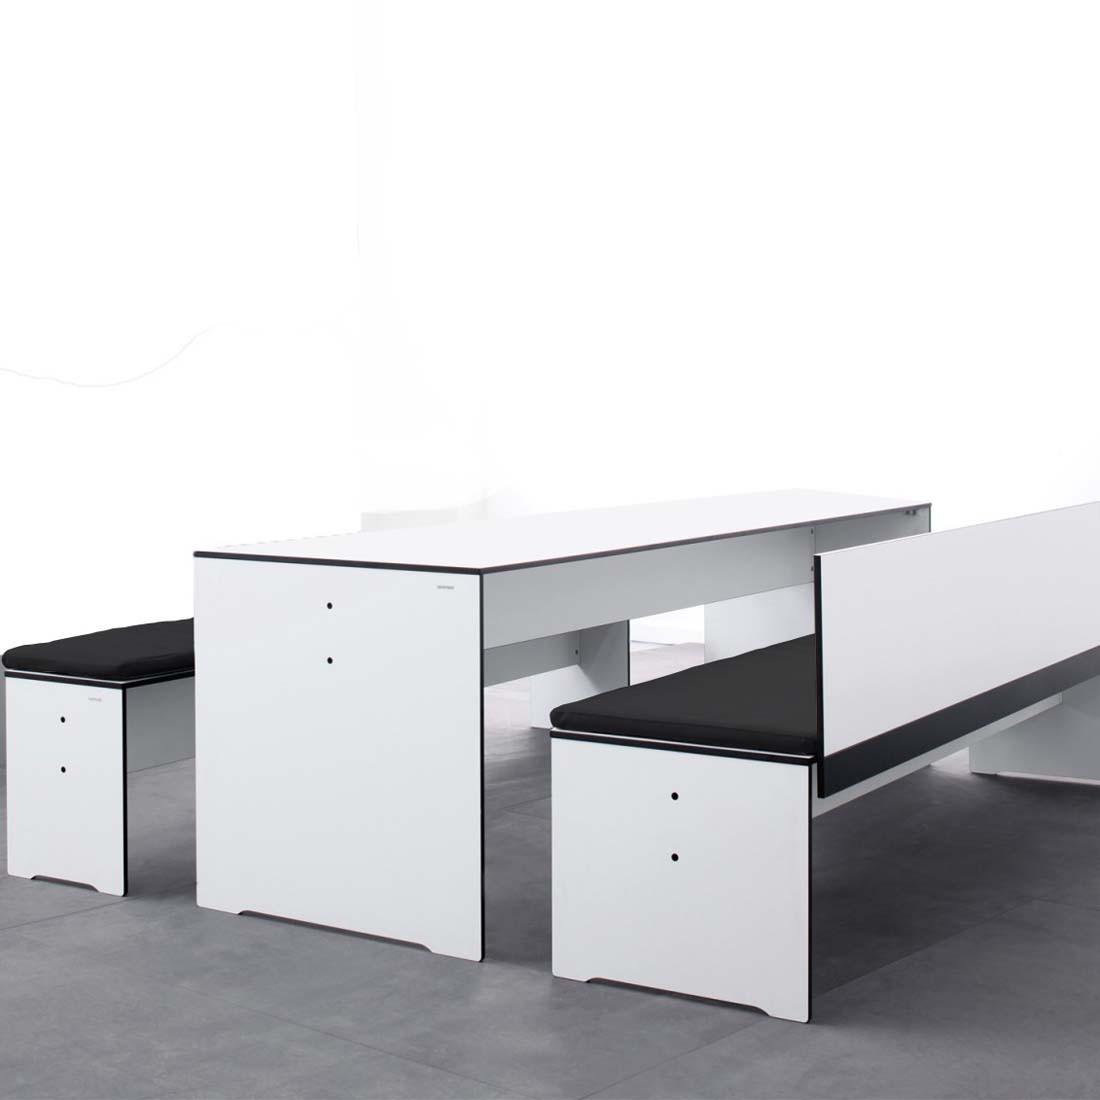 conmoto riva bank m 194 anthrazit mit lehne ohne auflage wetterfest aus hpl gartenbank. Black Bedroom Furniture Sets. Home Design Ideas